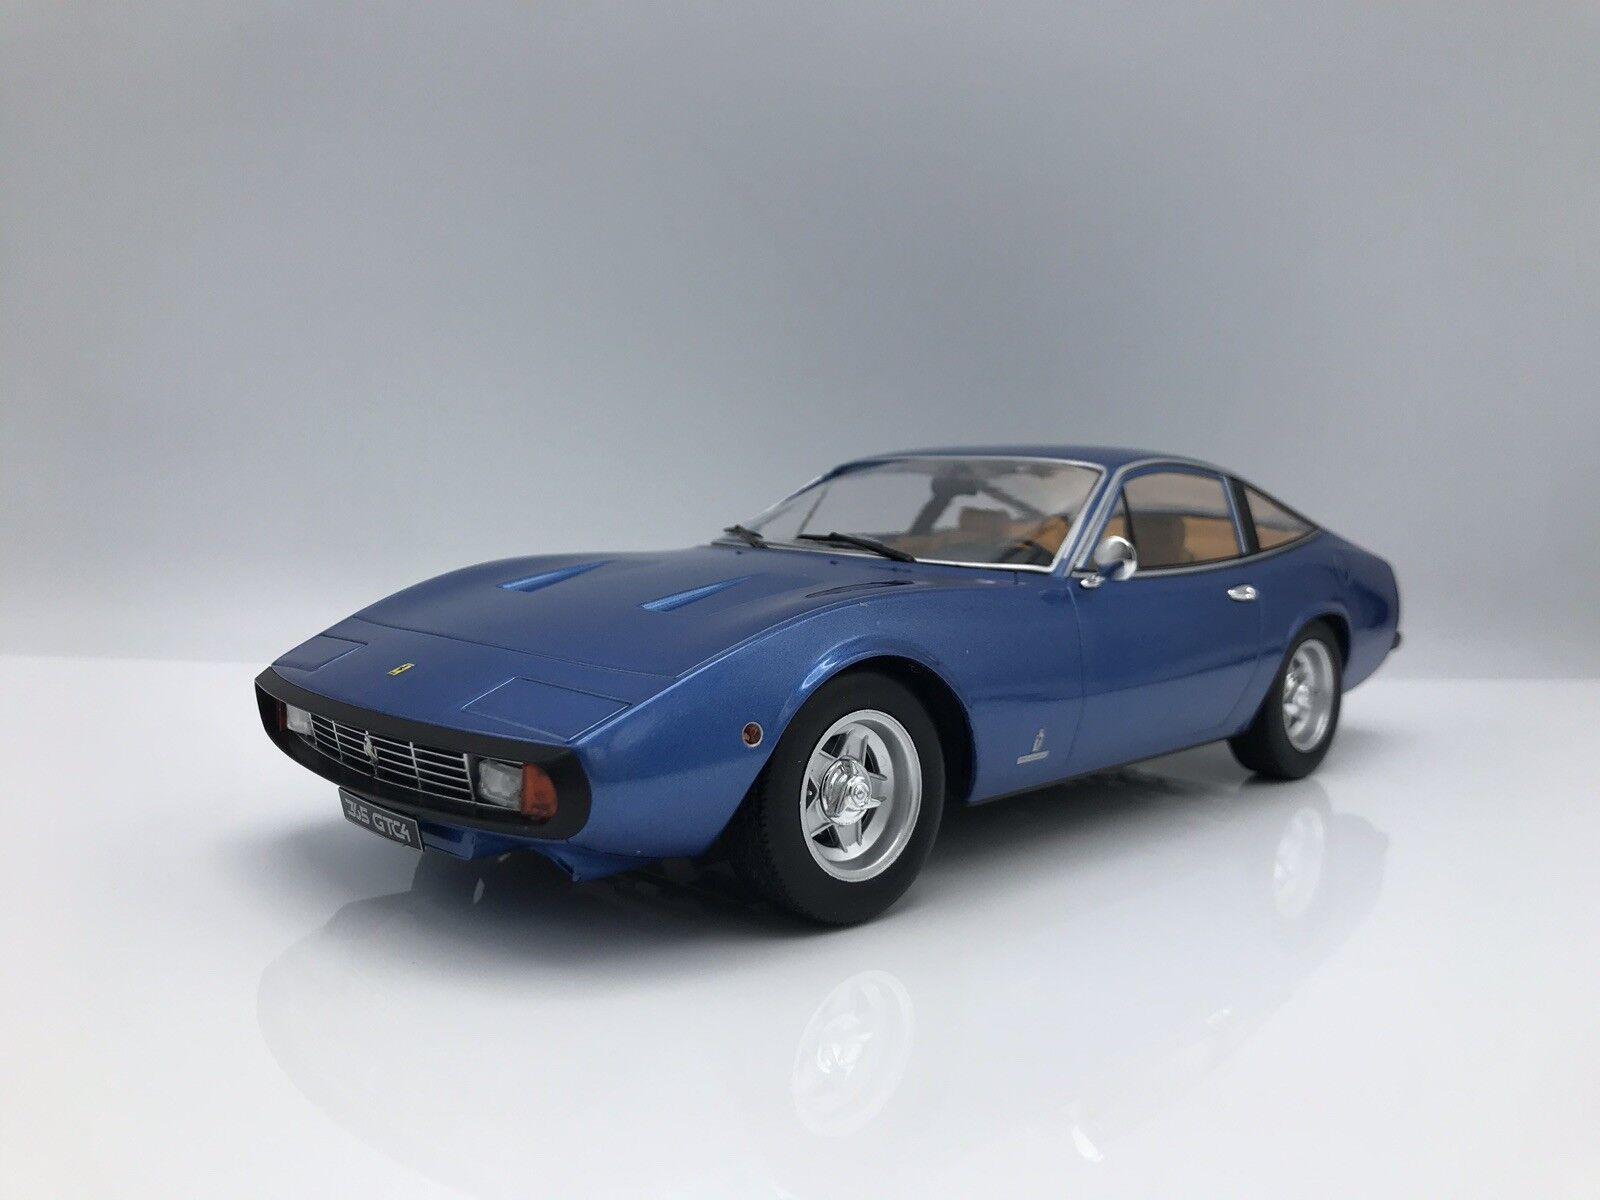 el mas reciente Ferrari 365 GTC 4 1971 metallic-azul 1 18 KK-scale KK-scale KK-scale new    entrega rápida